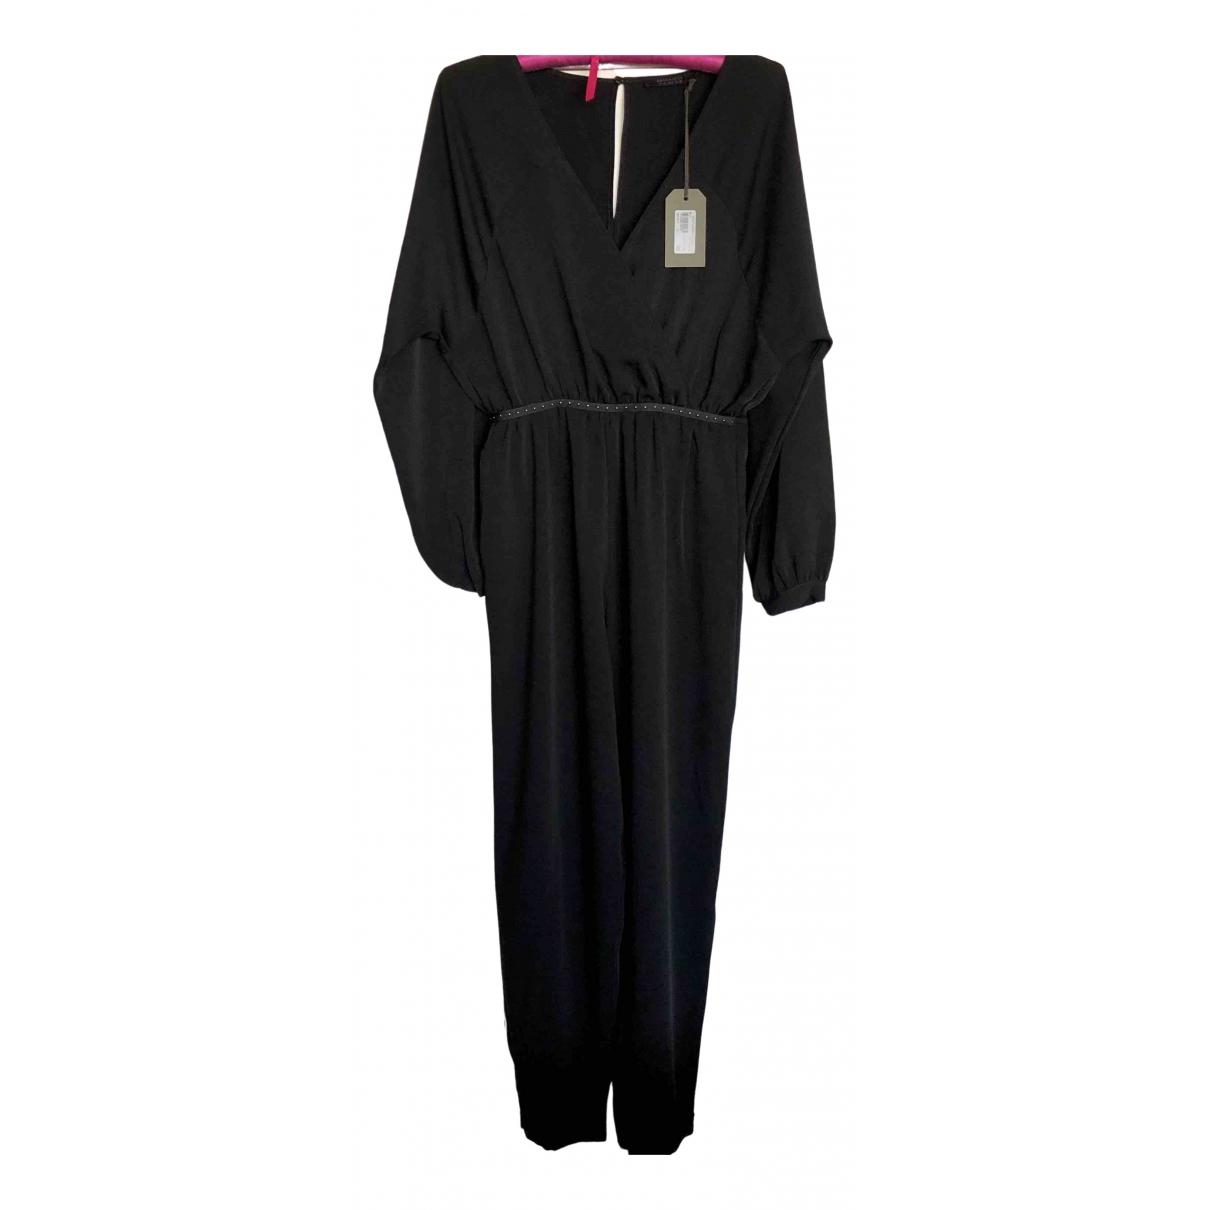 All Saints \N Black jumpsuit for Women 10 UK